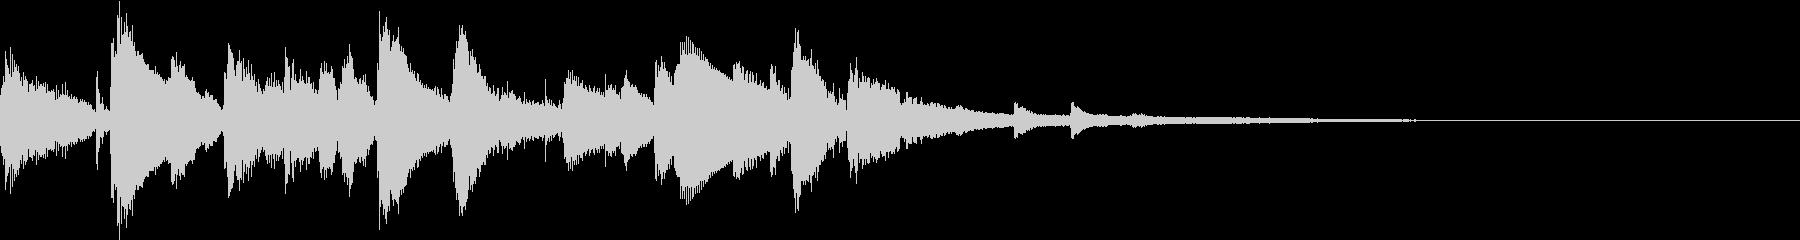 お洒落なジャズのジングル6 ゆったりの未再生の波形